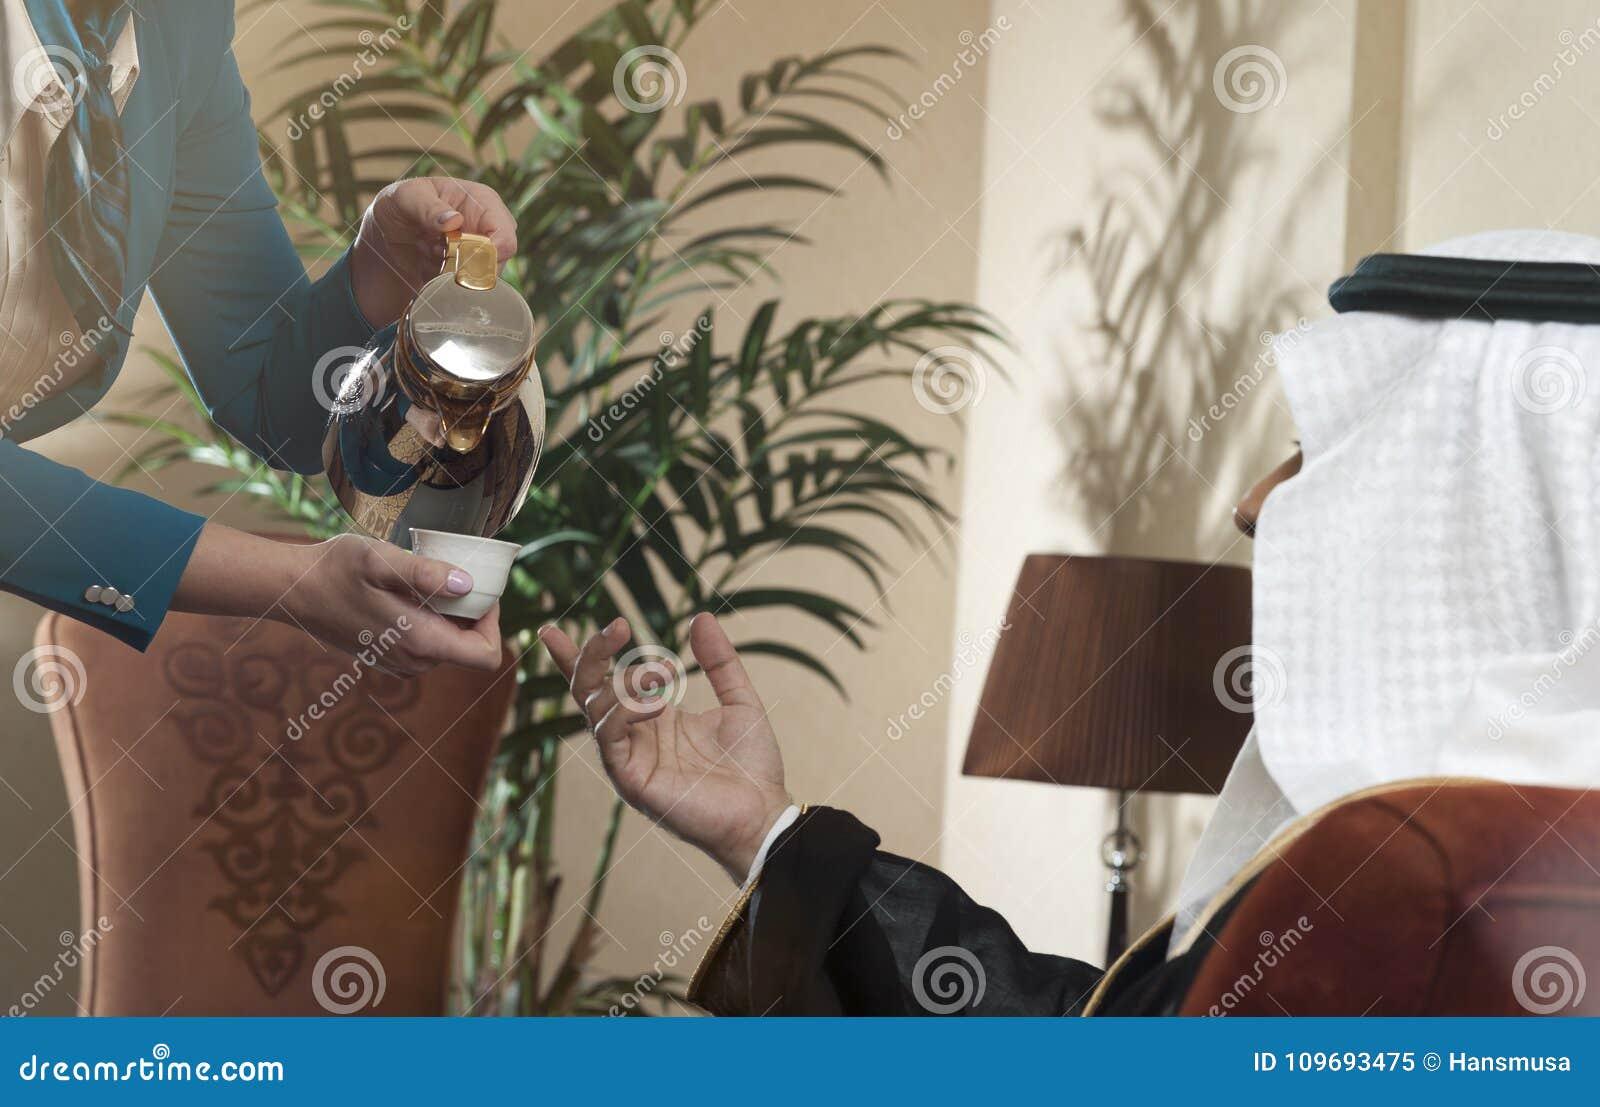 Kellnerin Serving Arabic Coffee zu einem wohlhabenden arabischen Mann